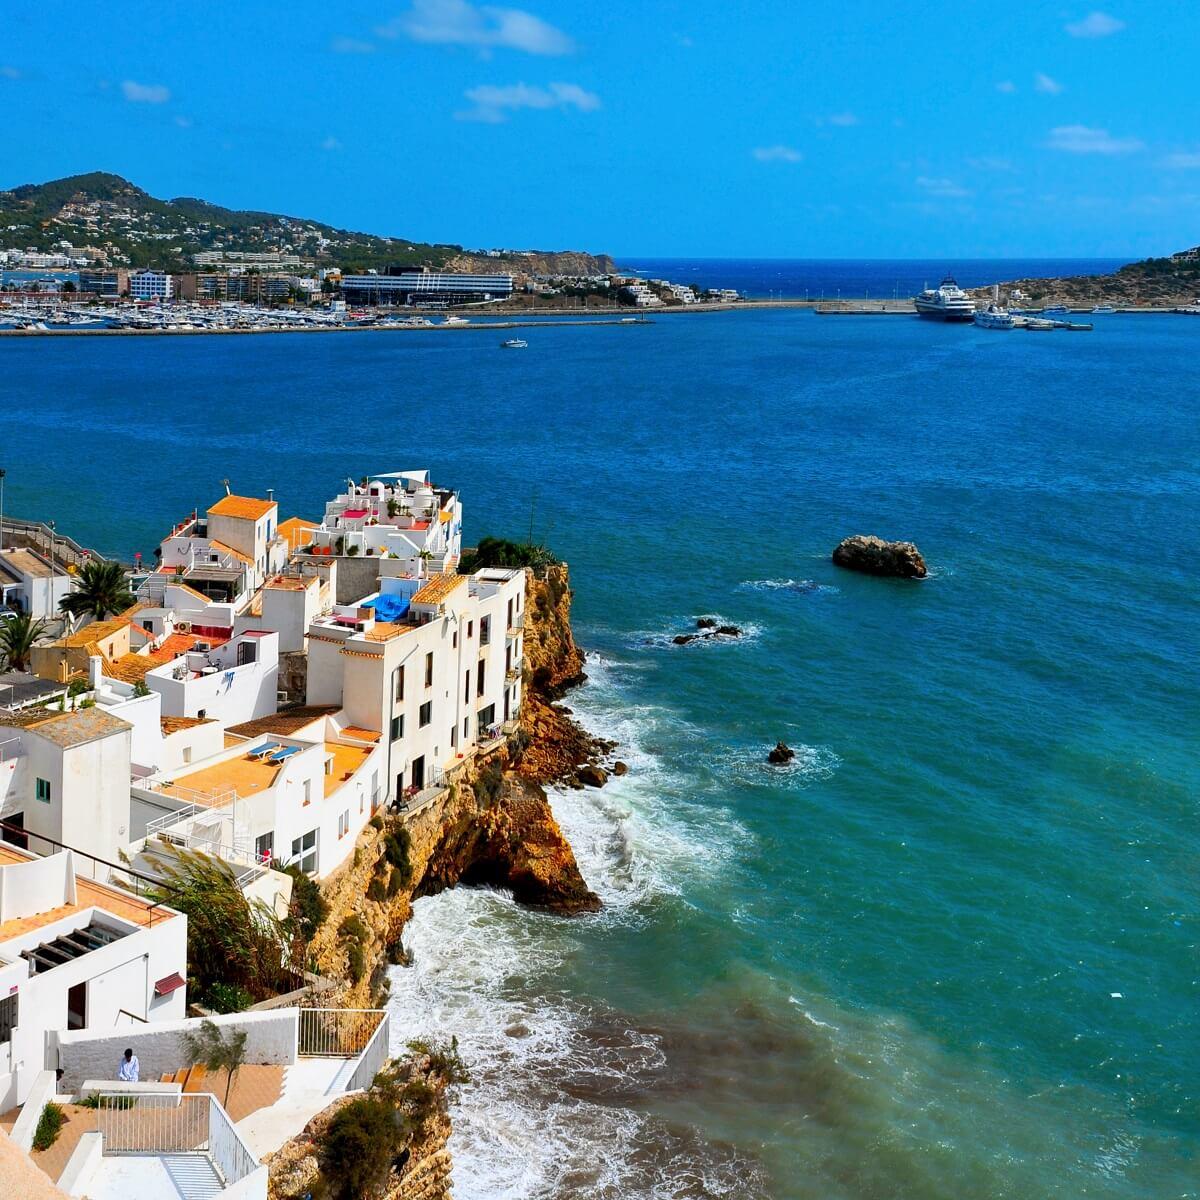 Spain_Balearic Islands_Ibiza_Sa Penya_Fotolia